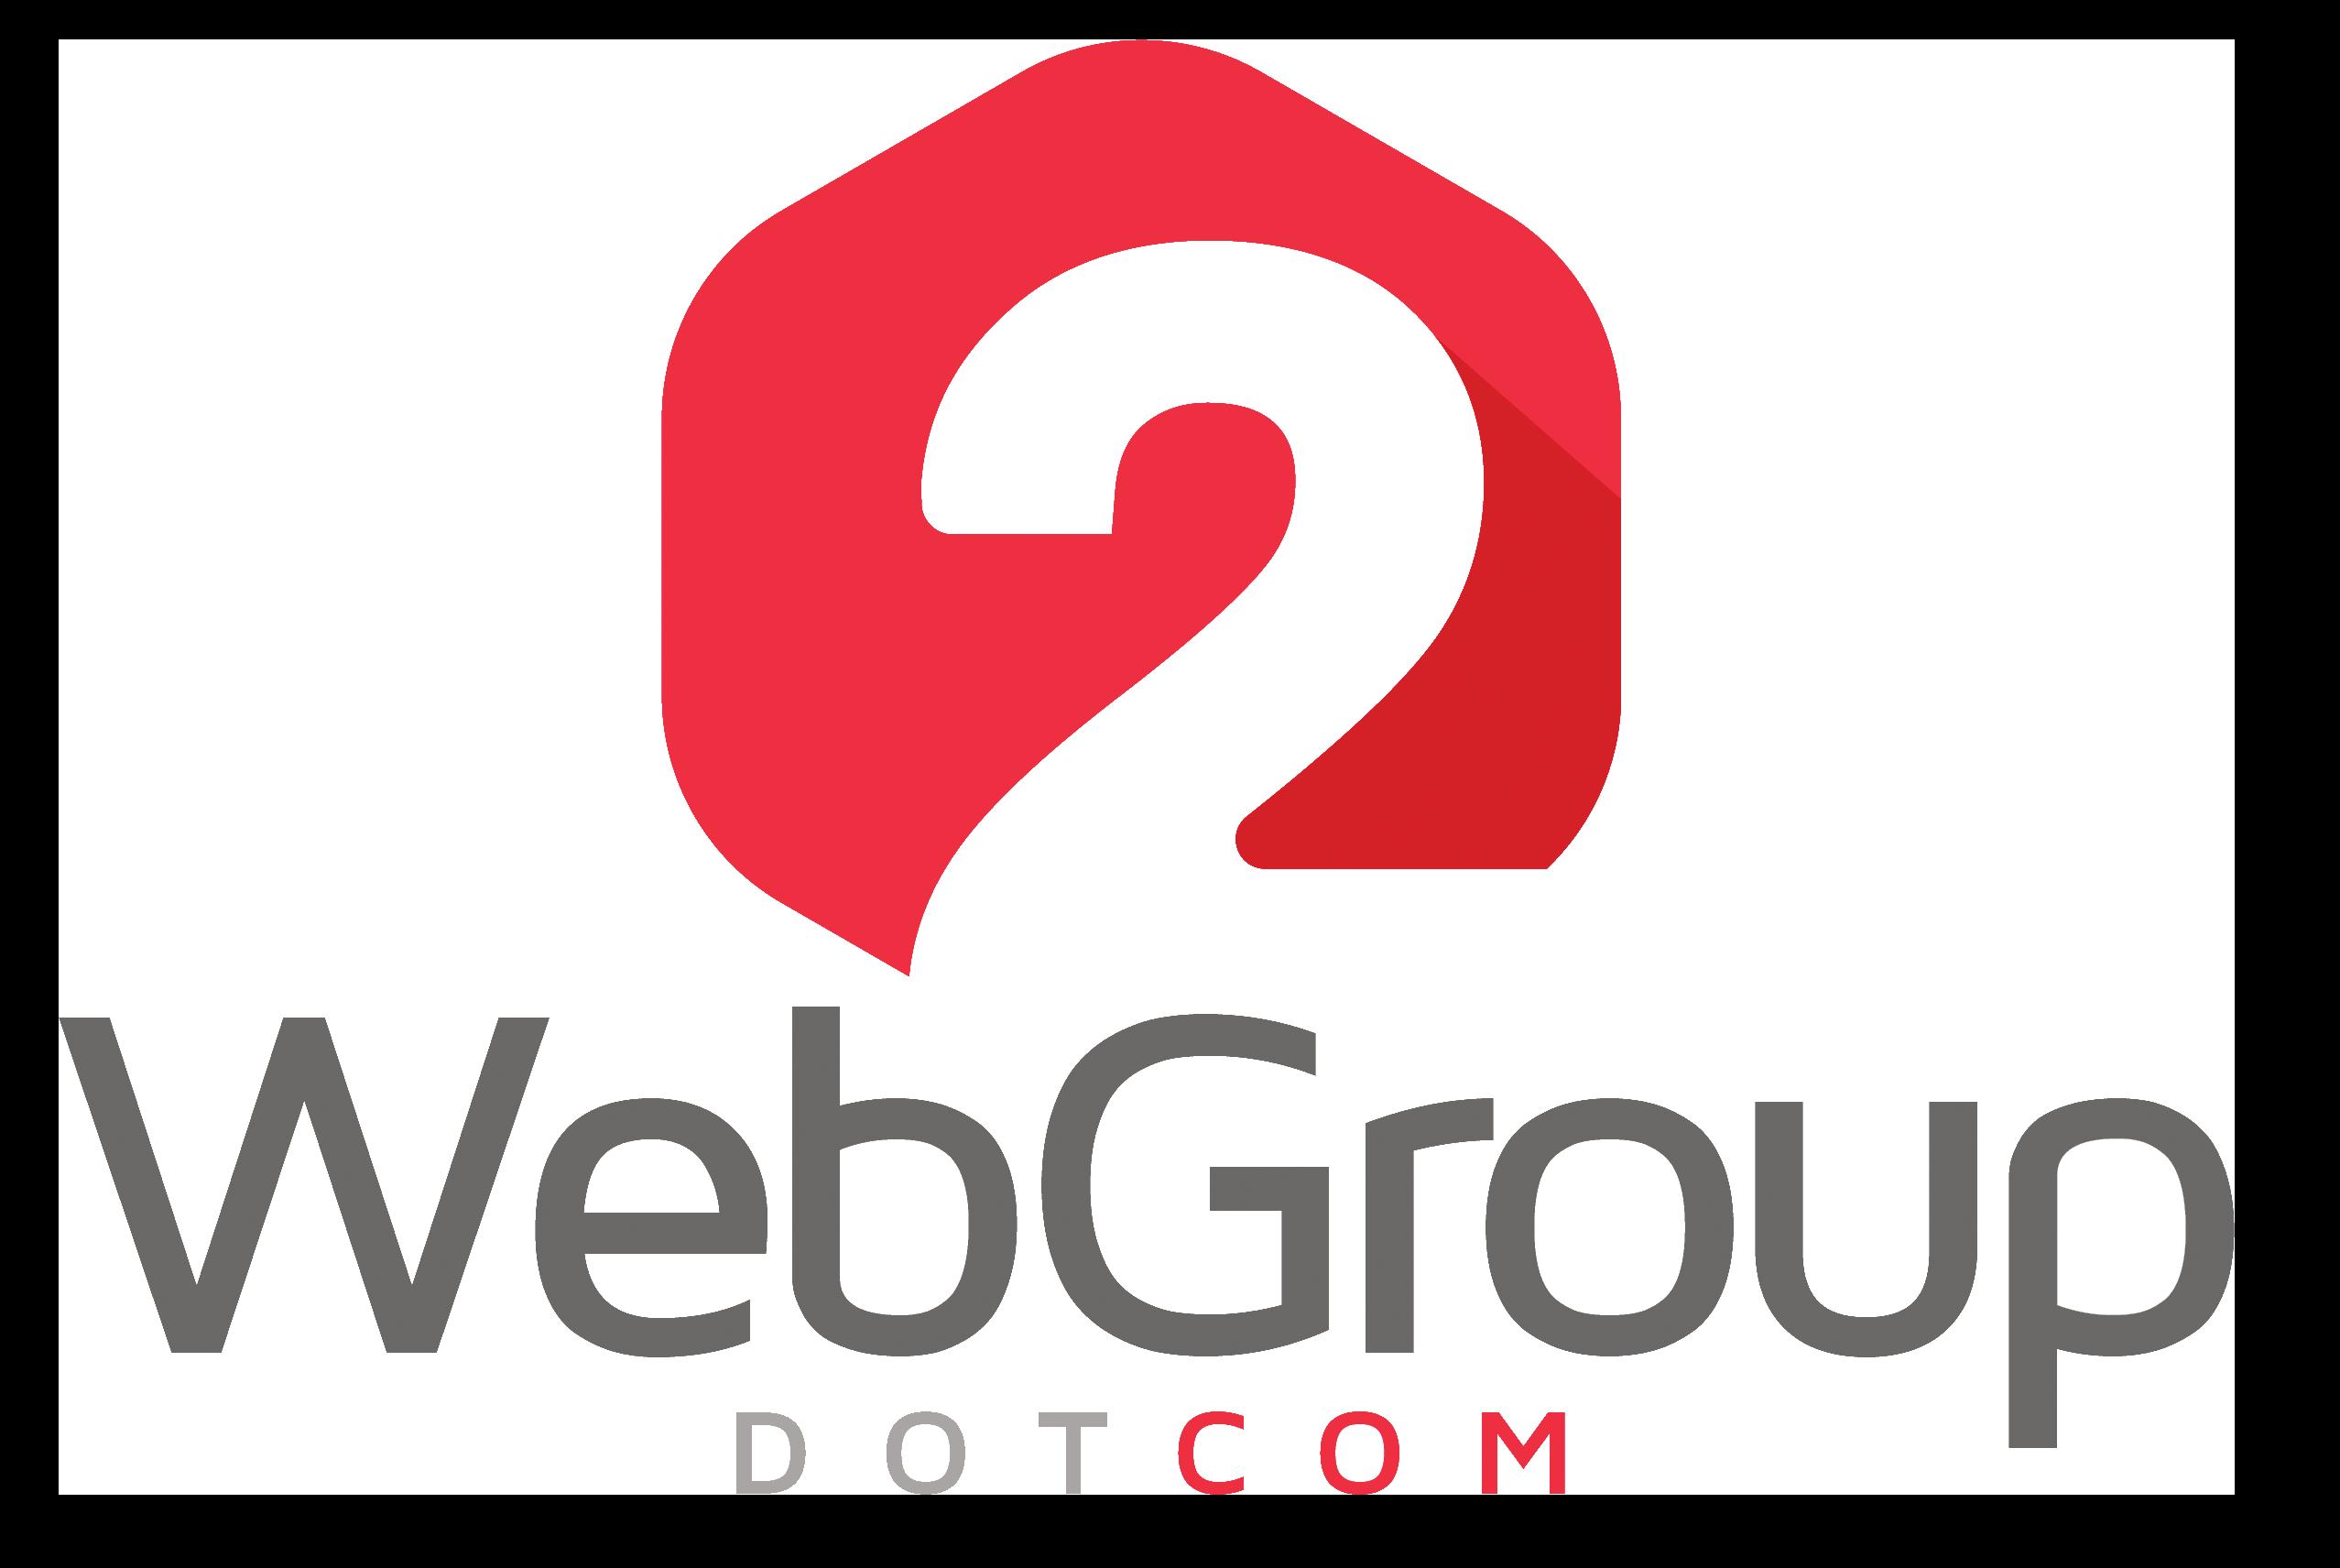 2WebGroup.com